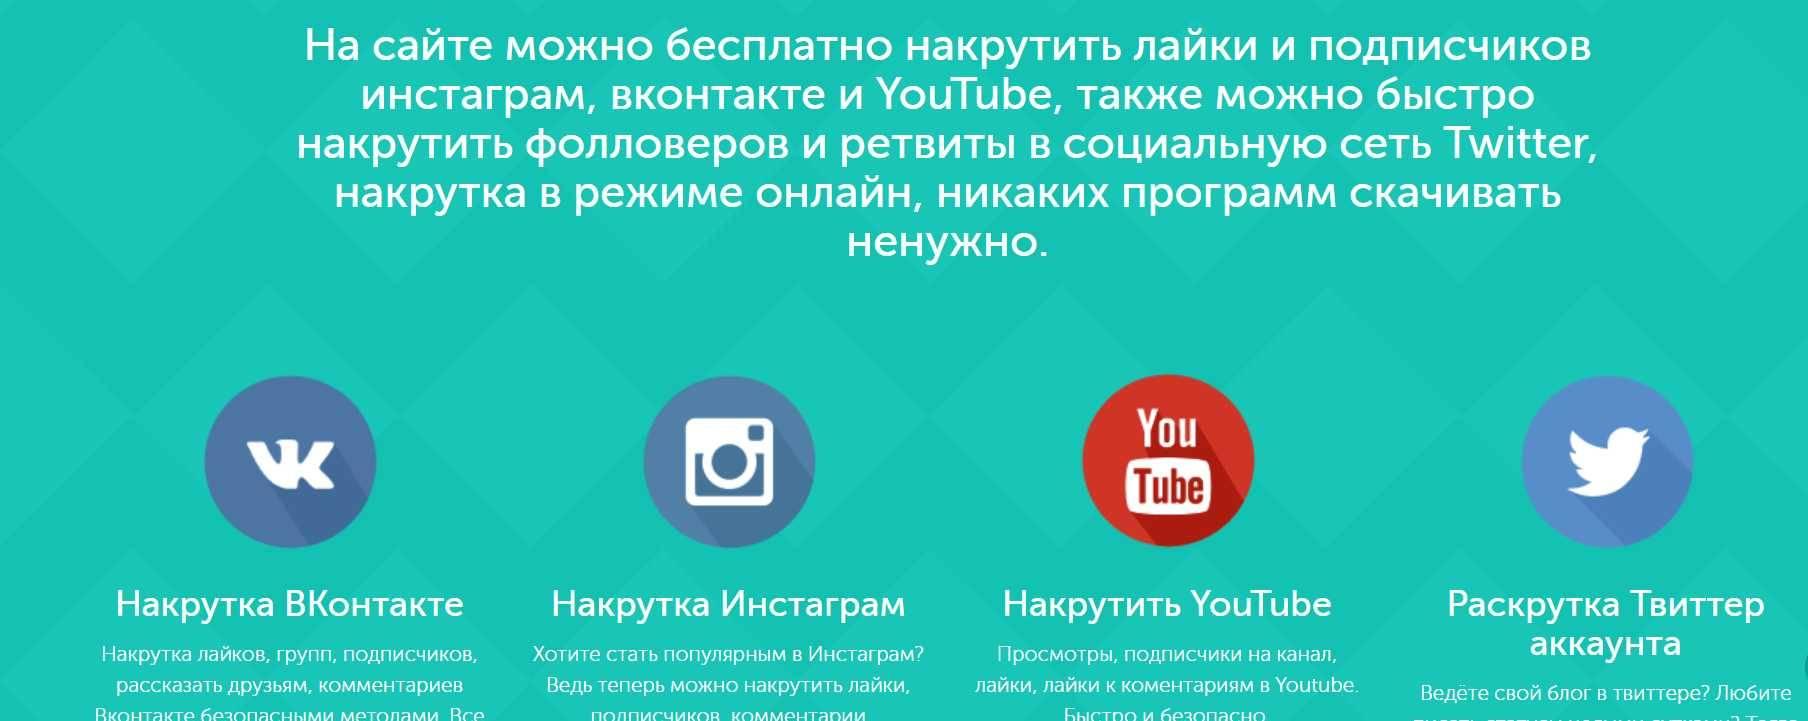 100 бесплатных лайков инстаграм